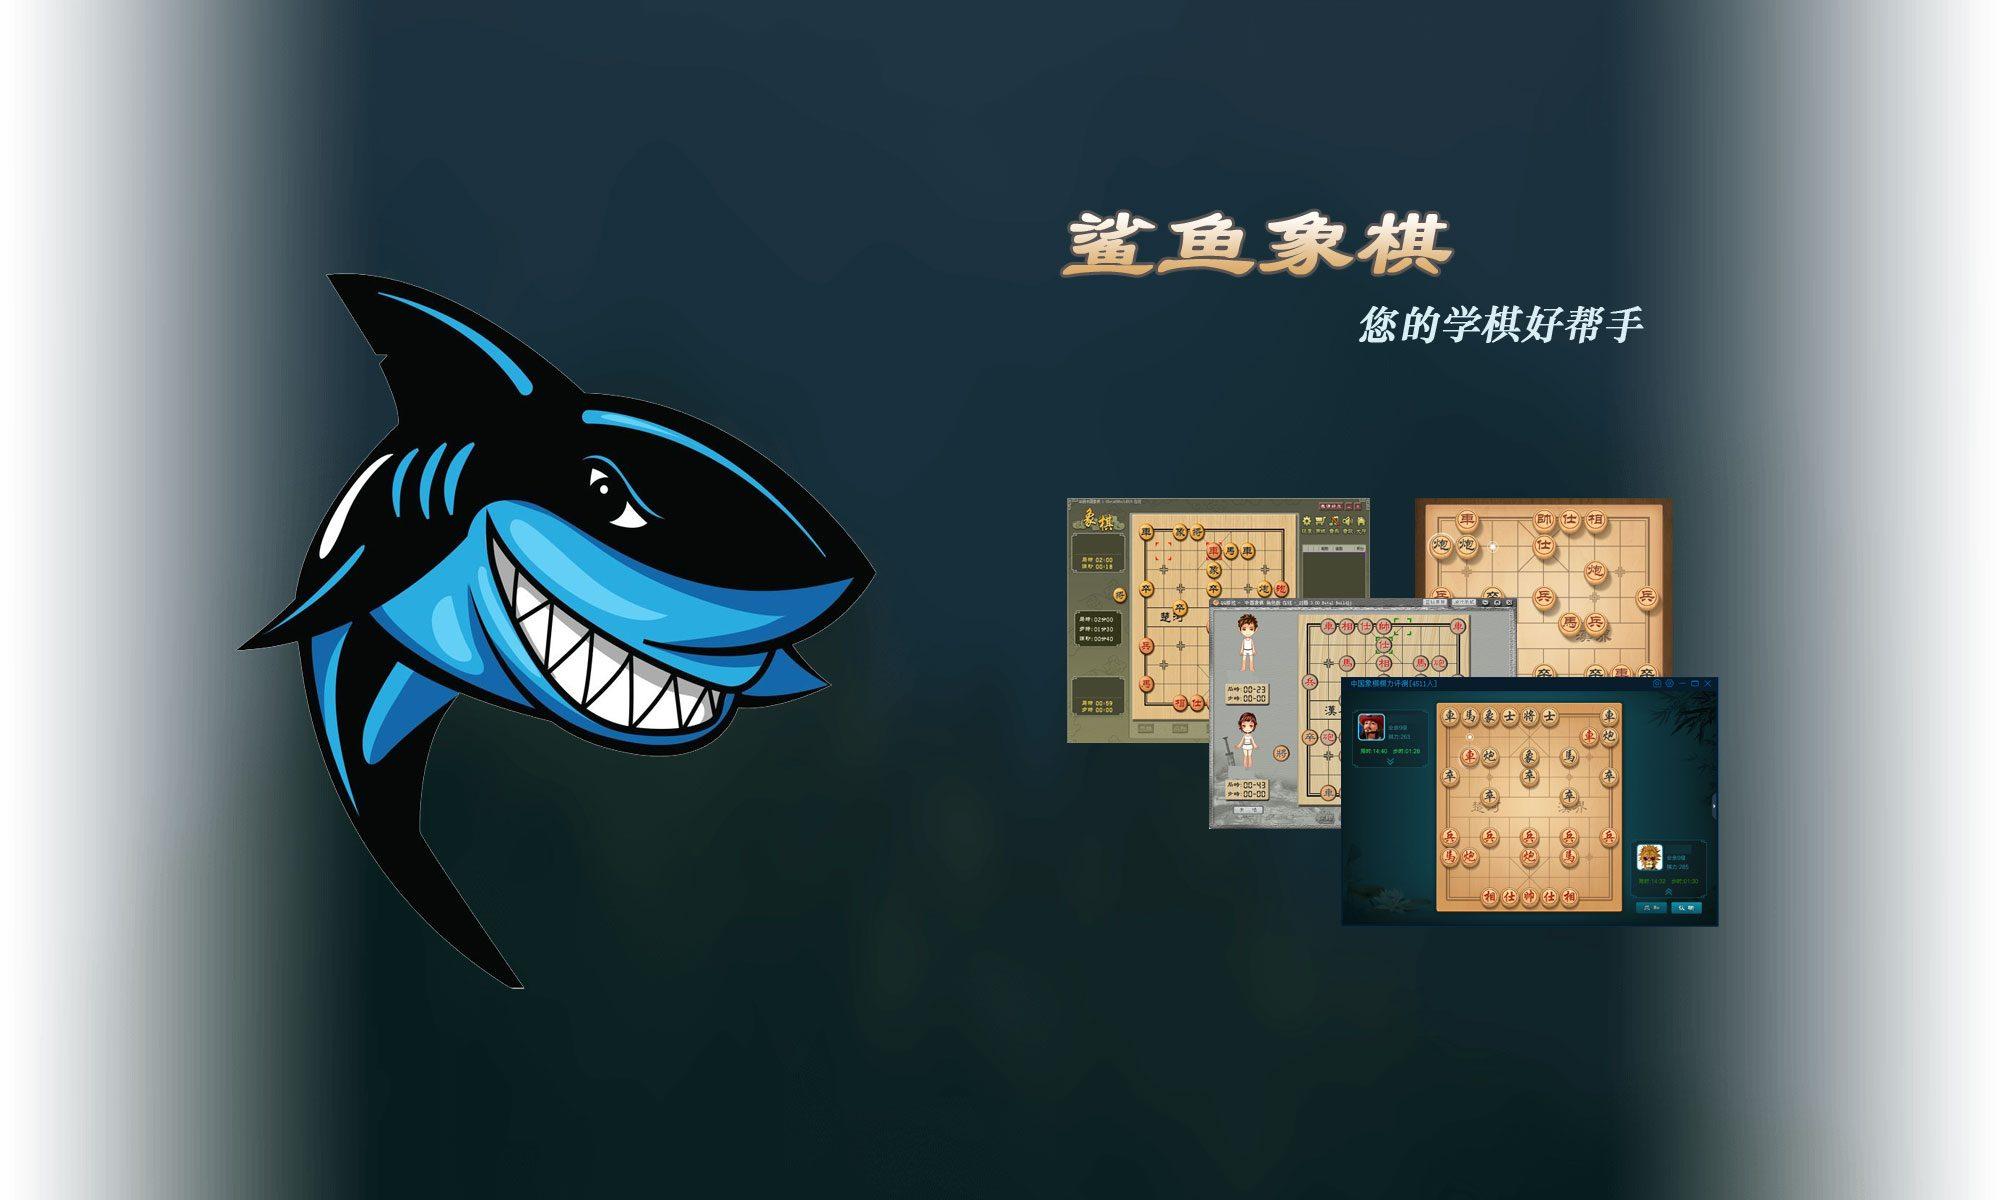 鲨鱼象棋官方网站